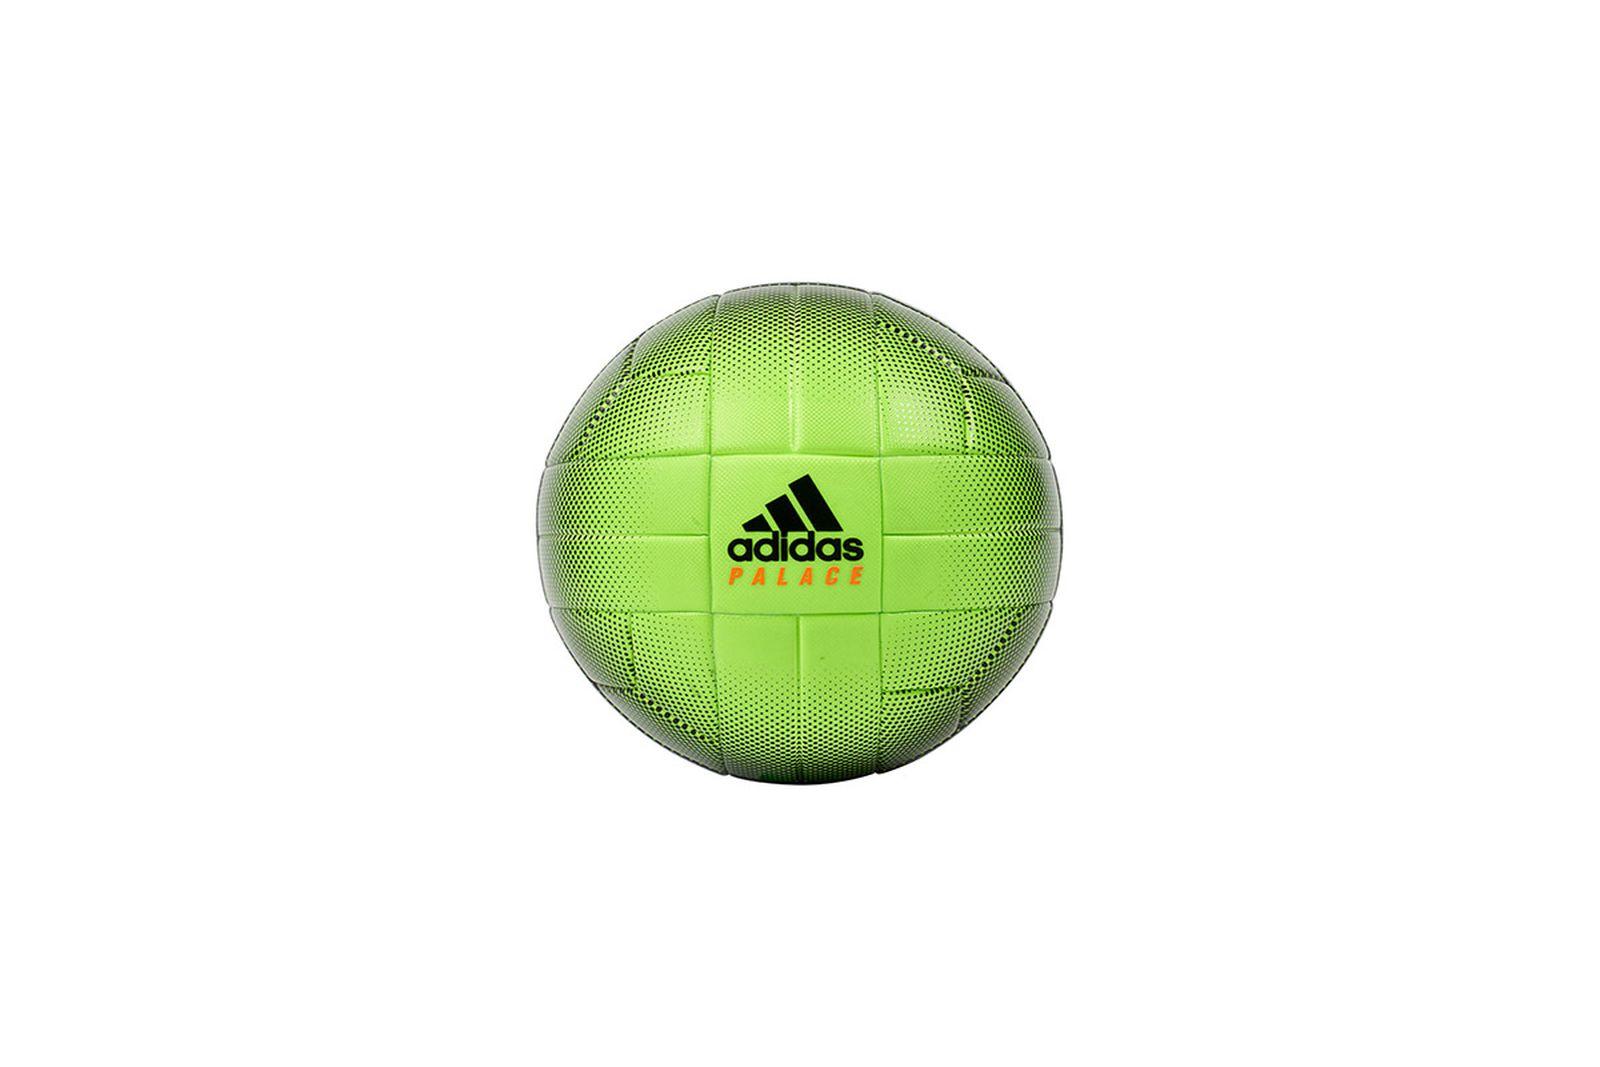 Palace-2019-Adidas-Juventus-ball-19520